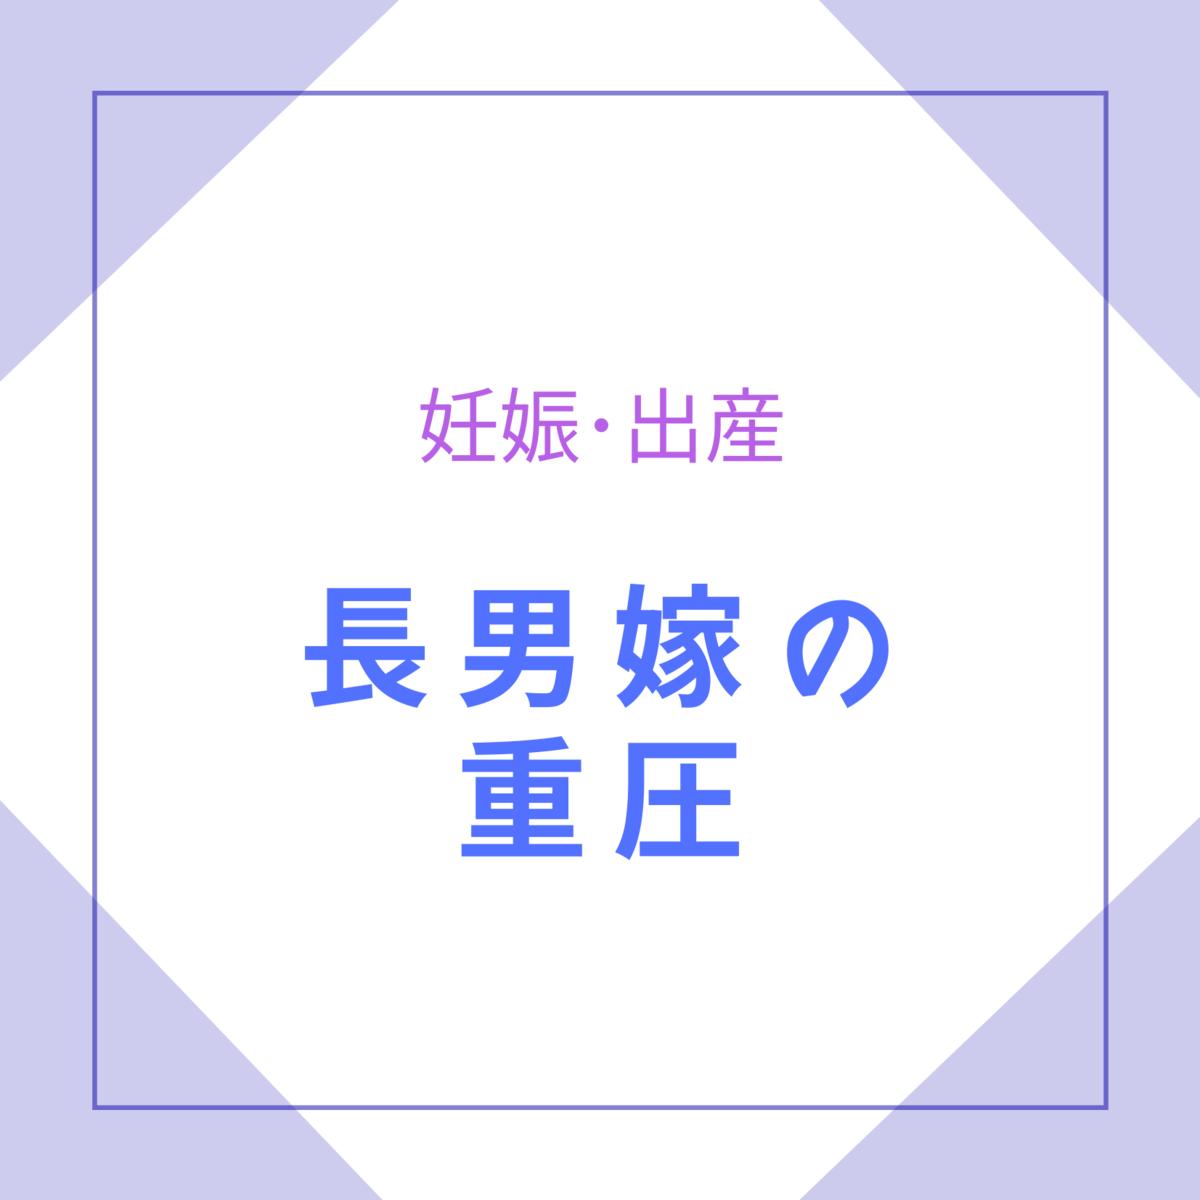 f:id:hirara185:20200627195749p:plain